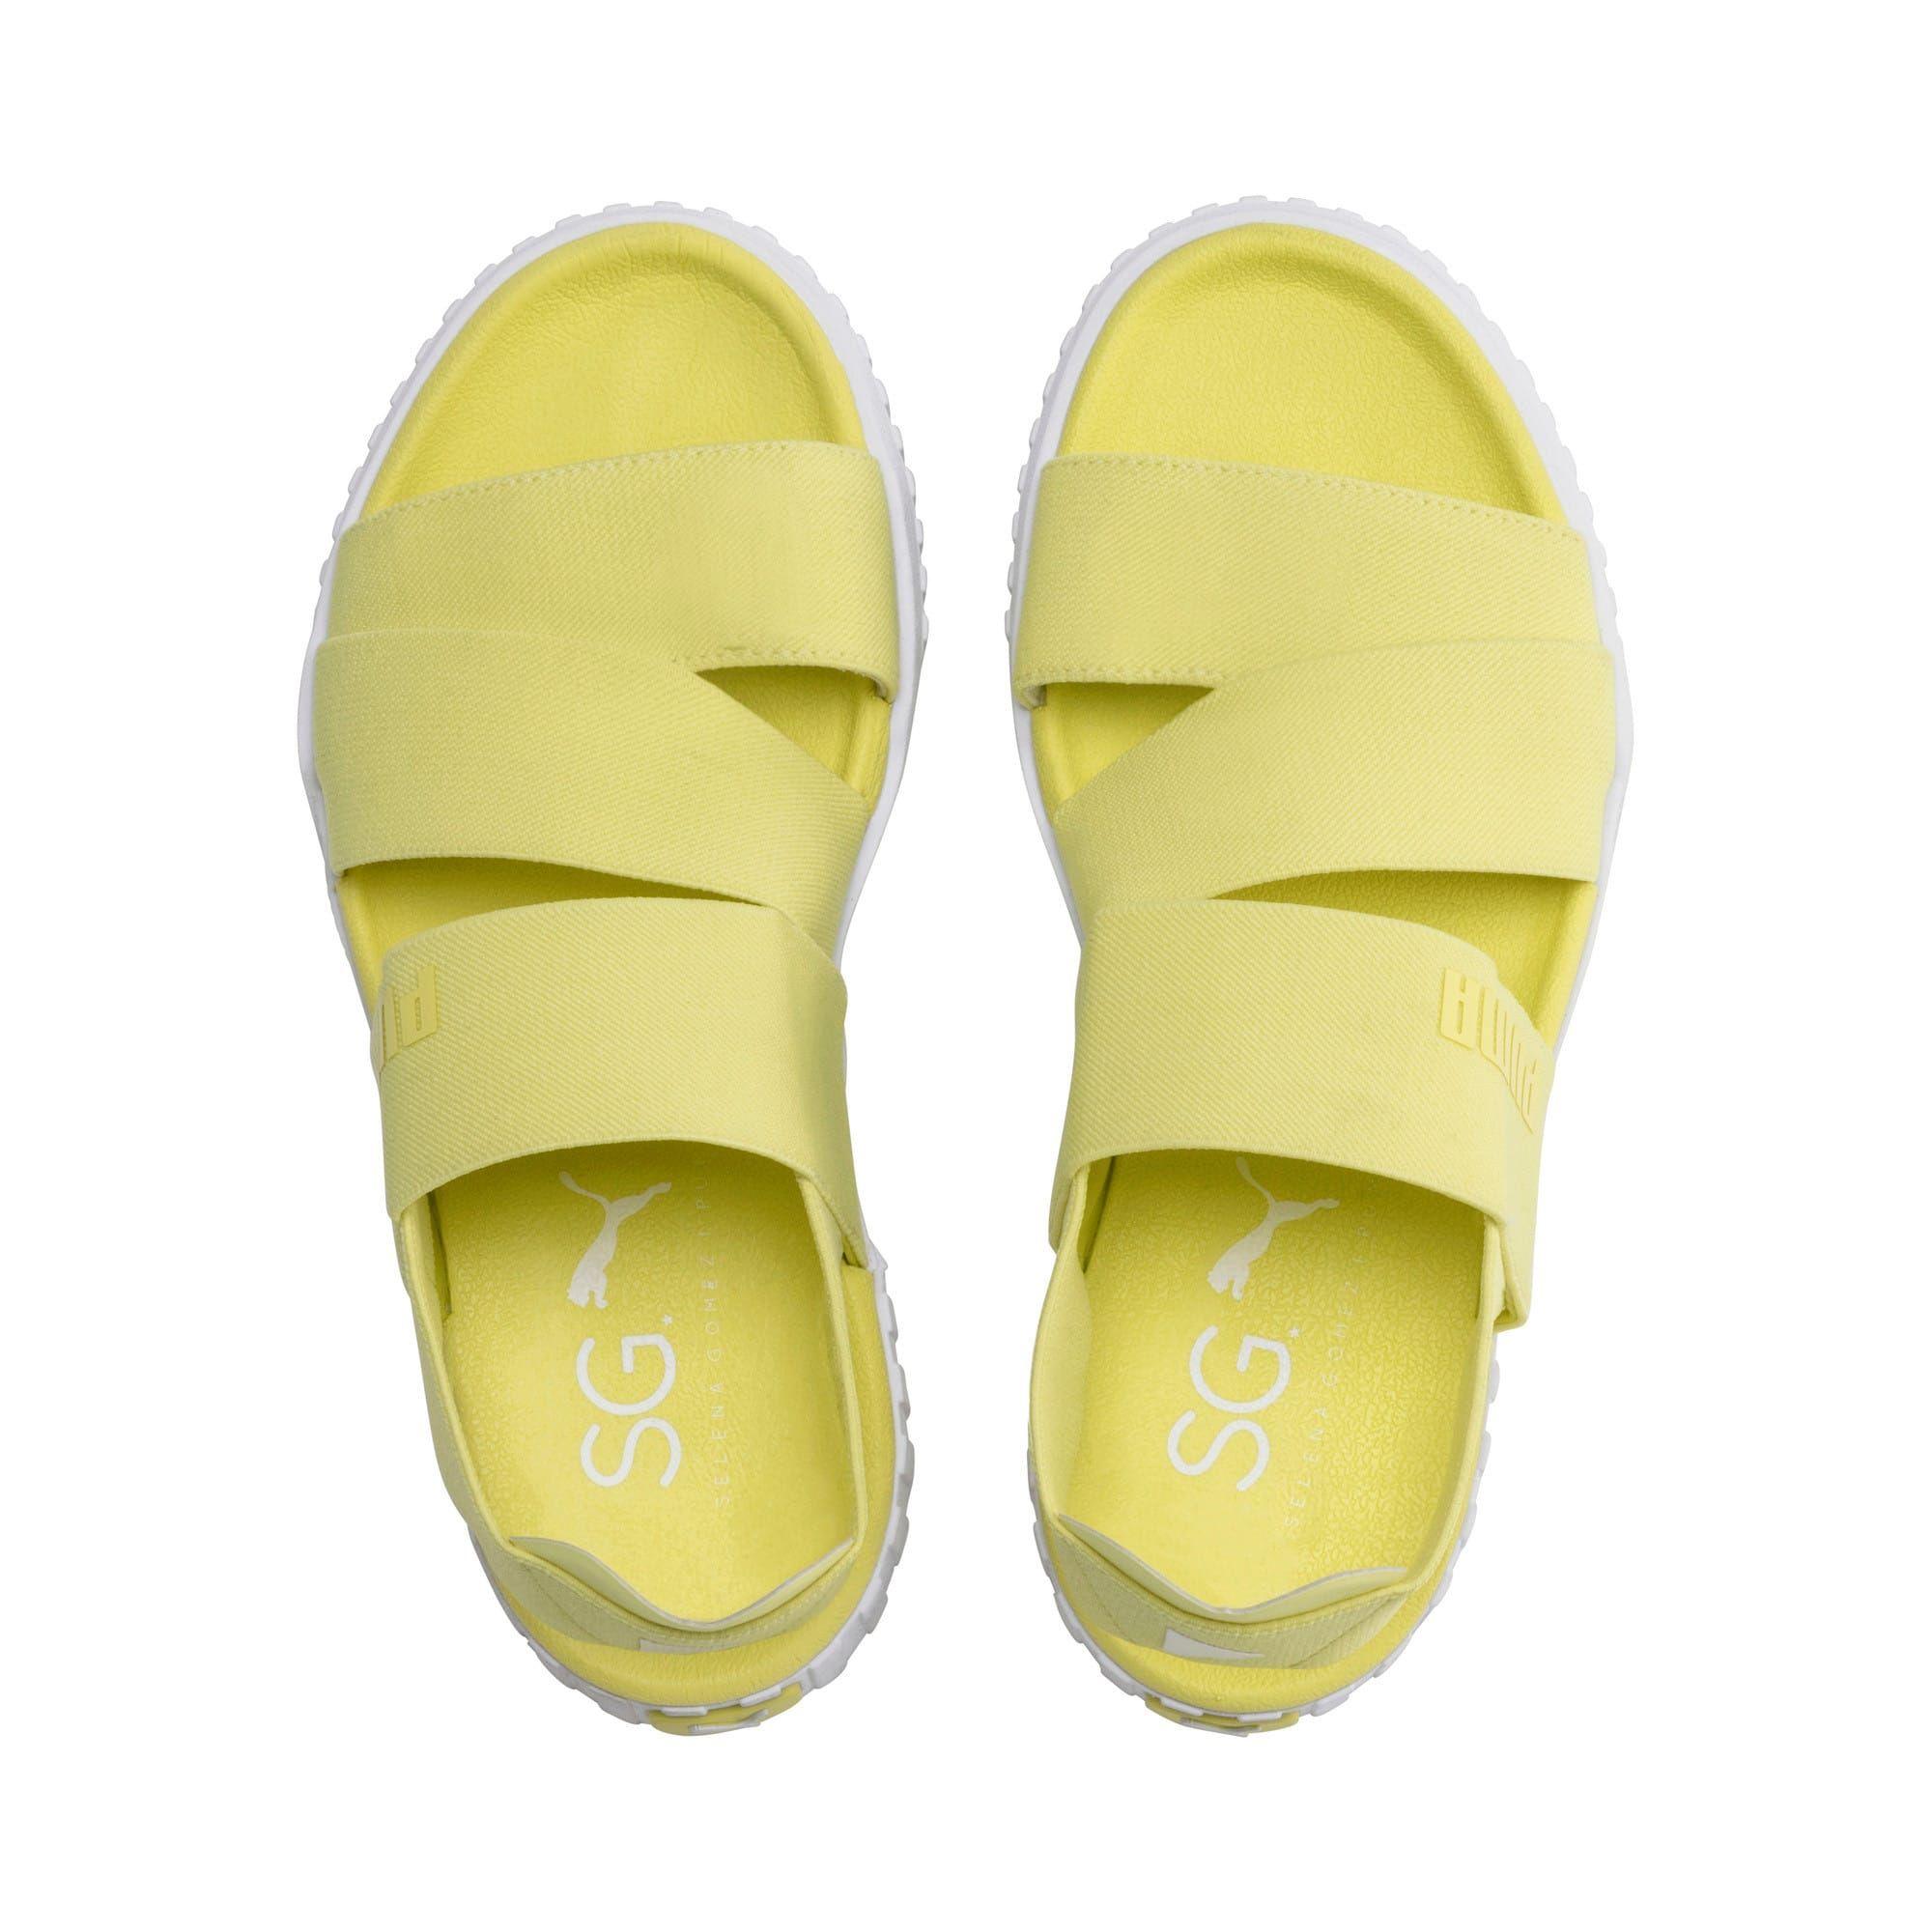 puma cali jaune femme